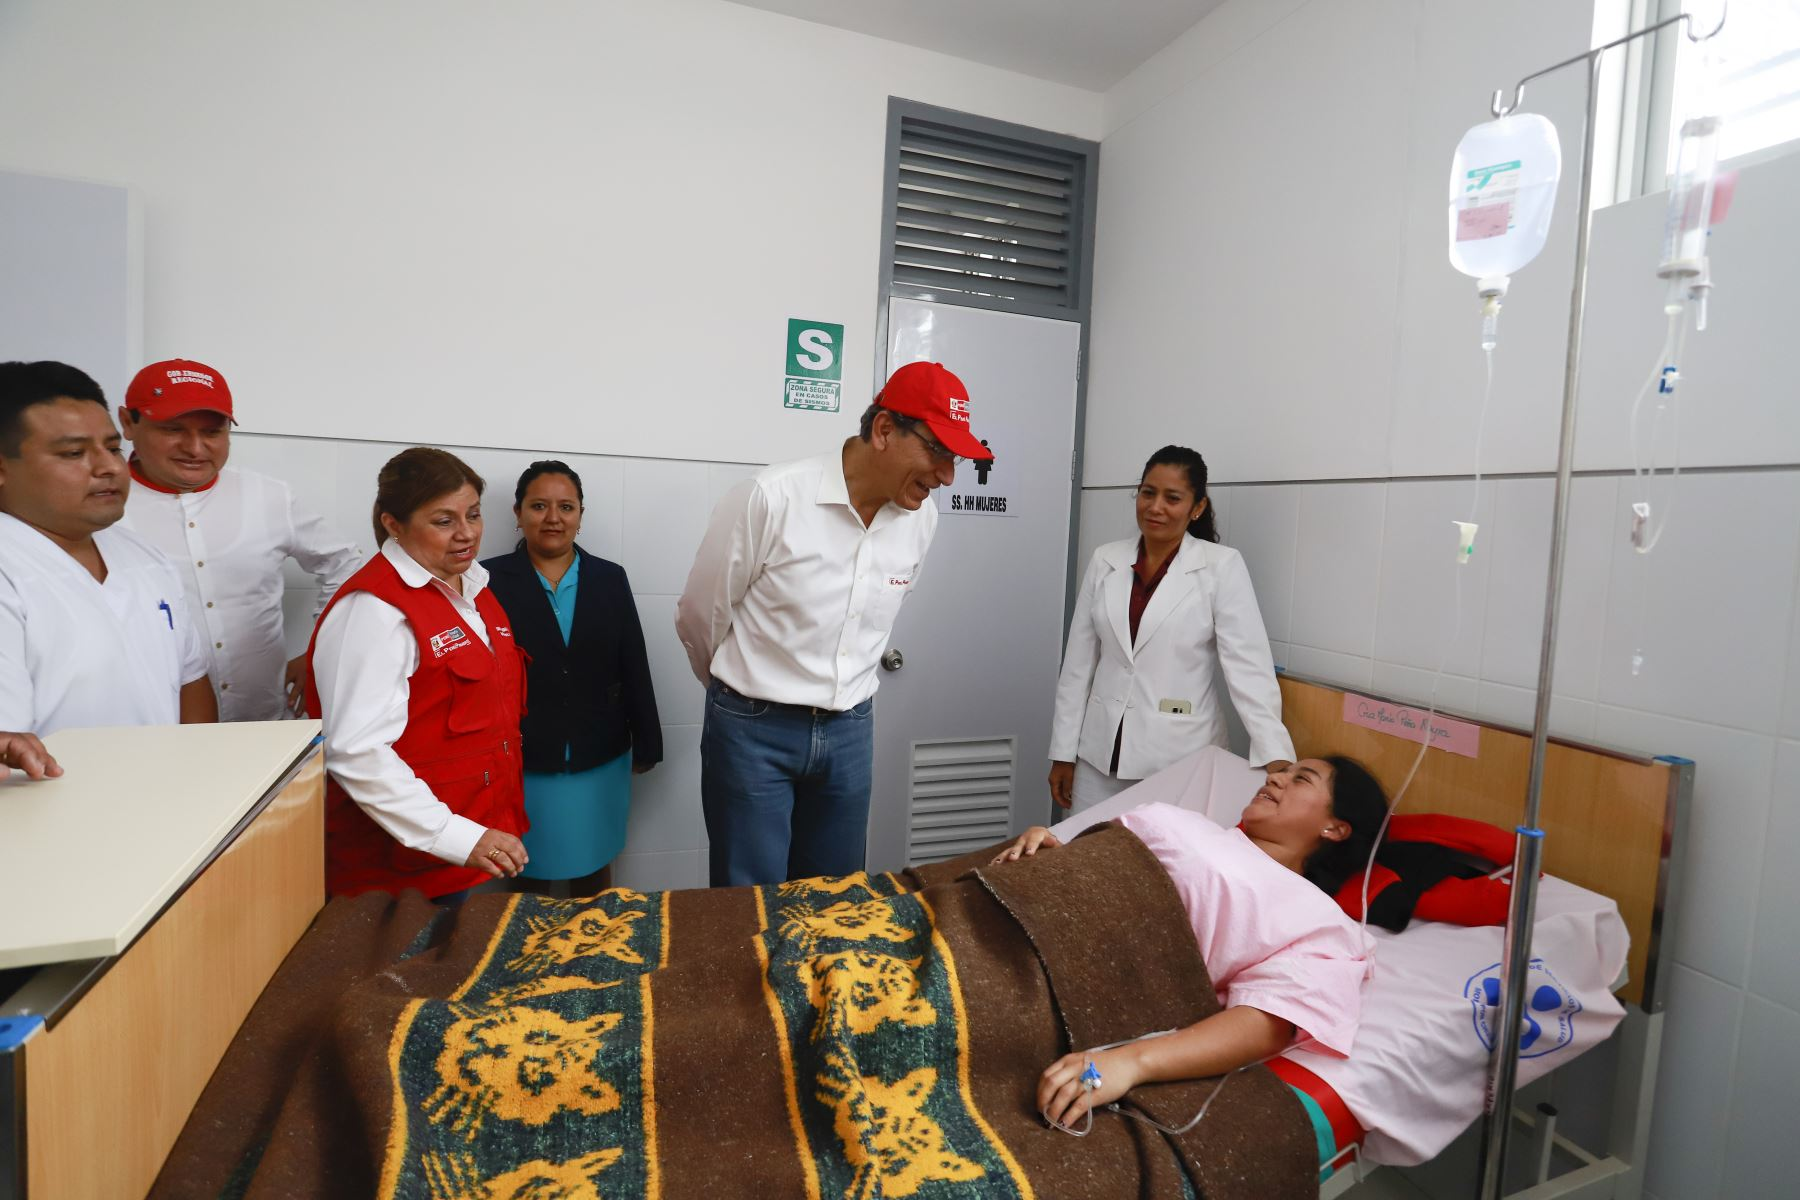 El presidente Martín Vizcarra, inaugura el centro de salud del distrito de Canchaque, en la región Piura. Foto: ANDINA/ Prensa Presidencia